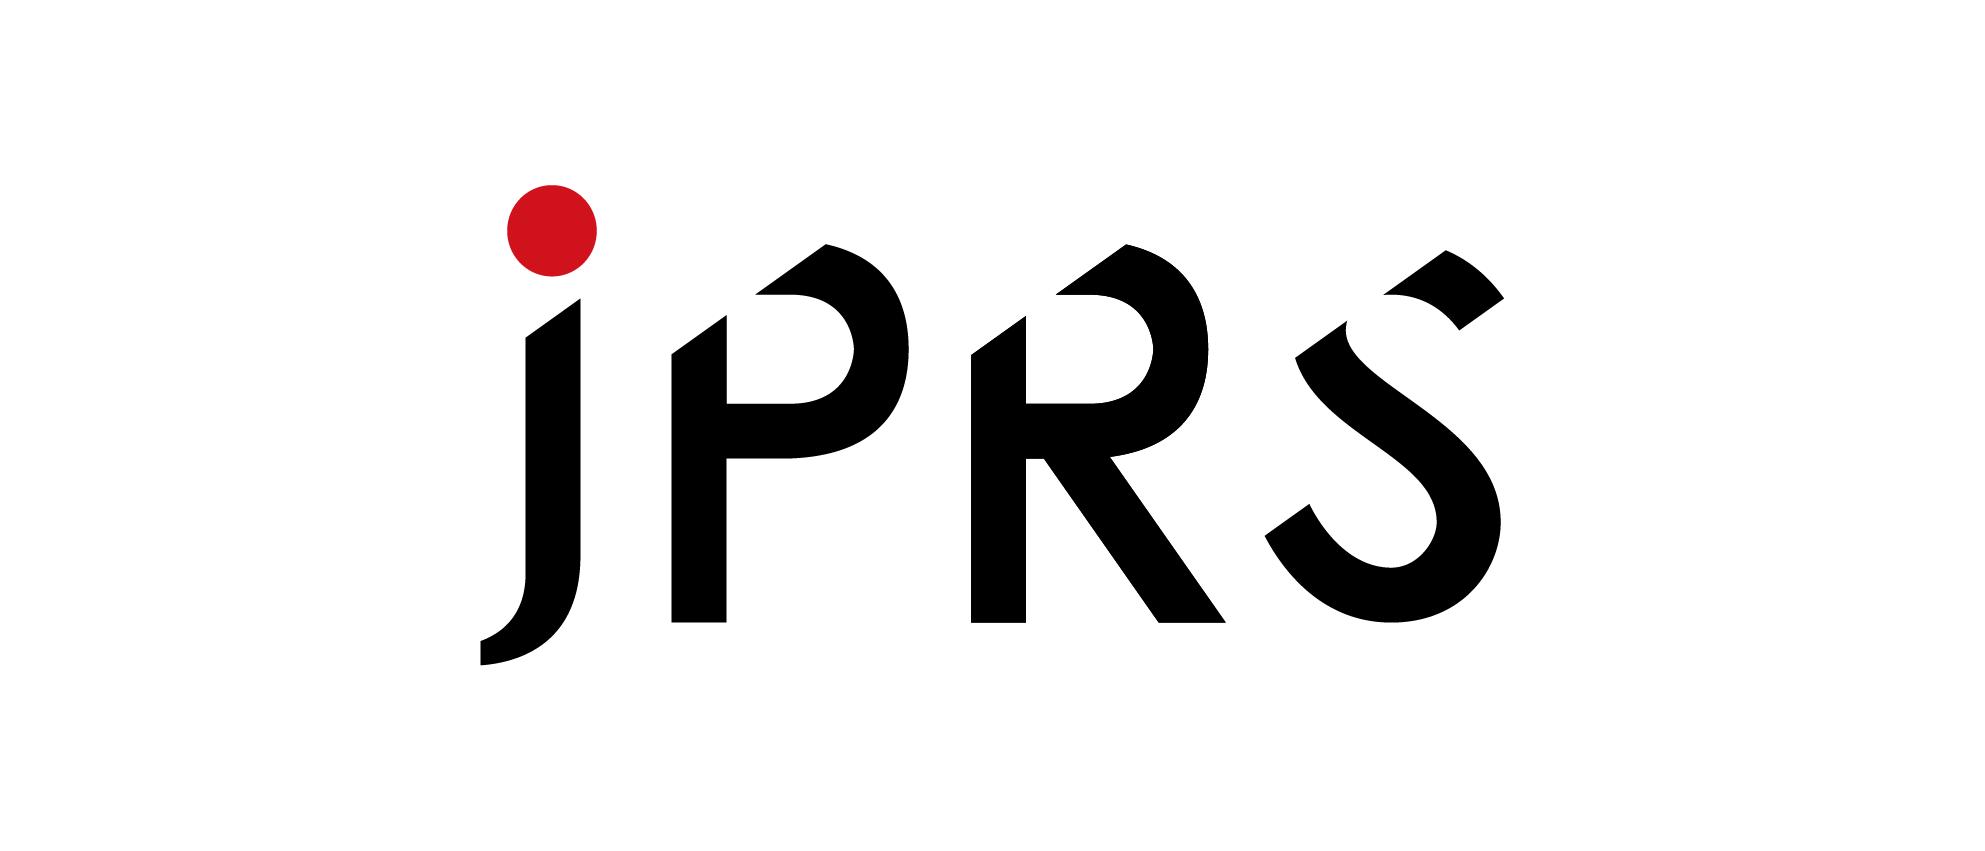 日本レジストリサービス(JPRS)